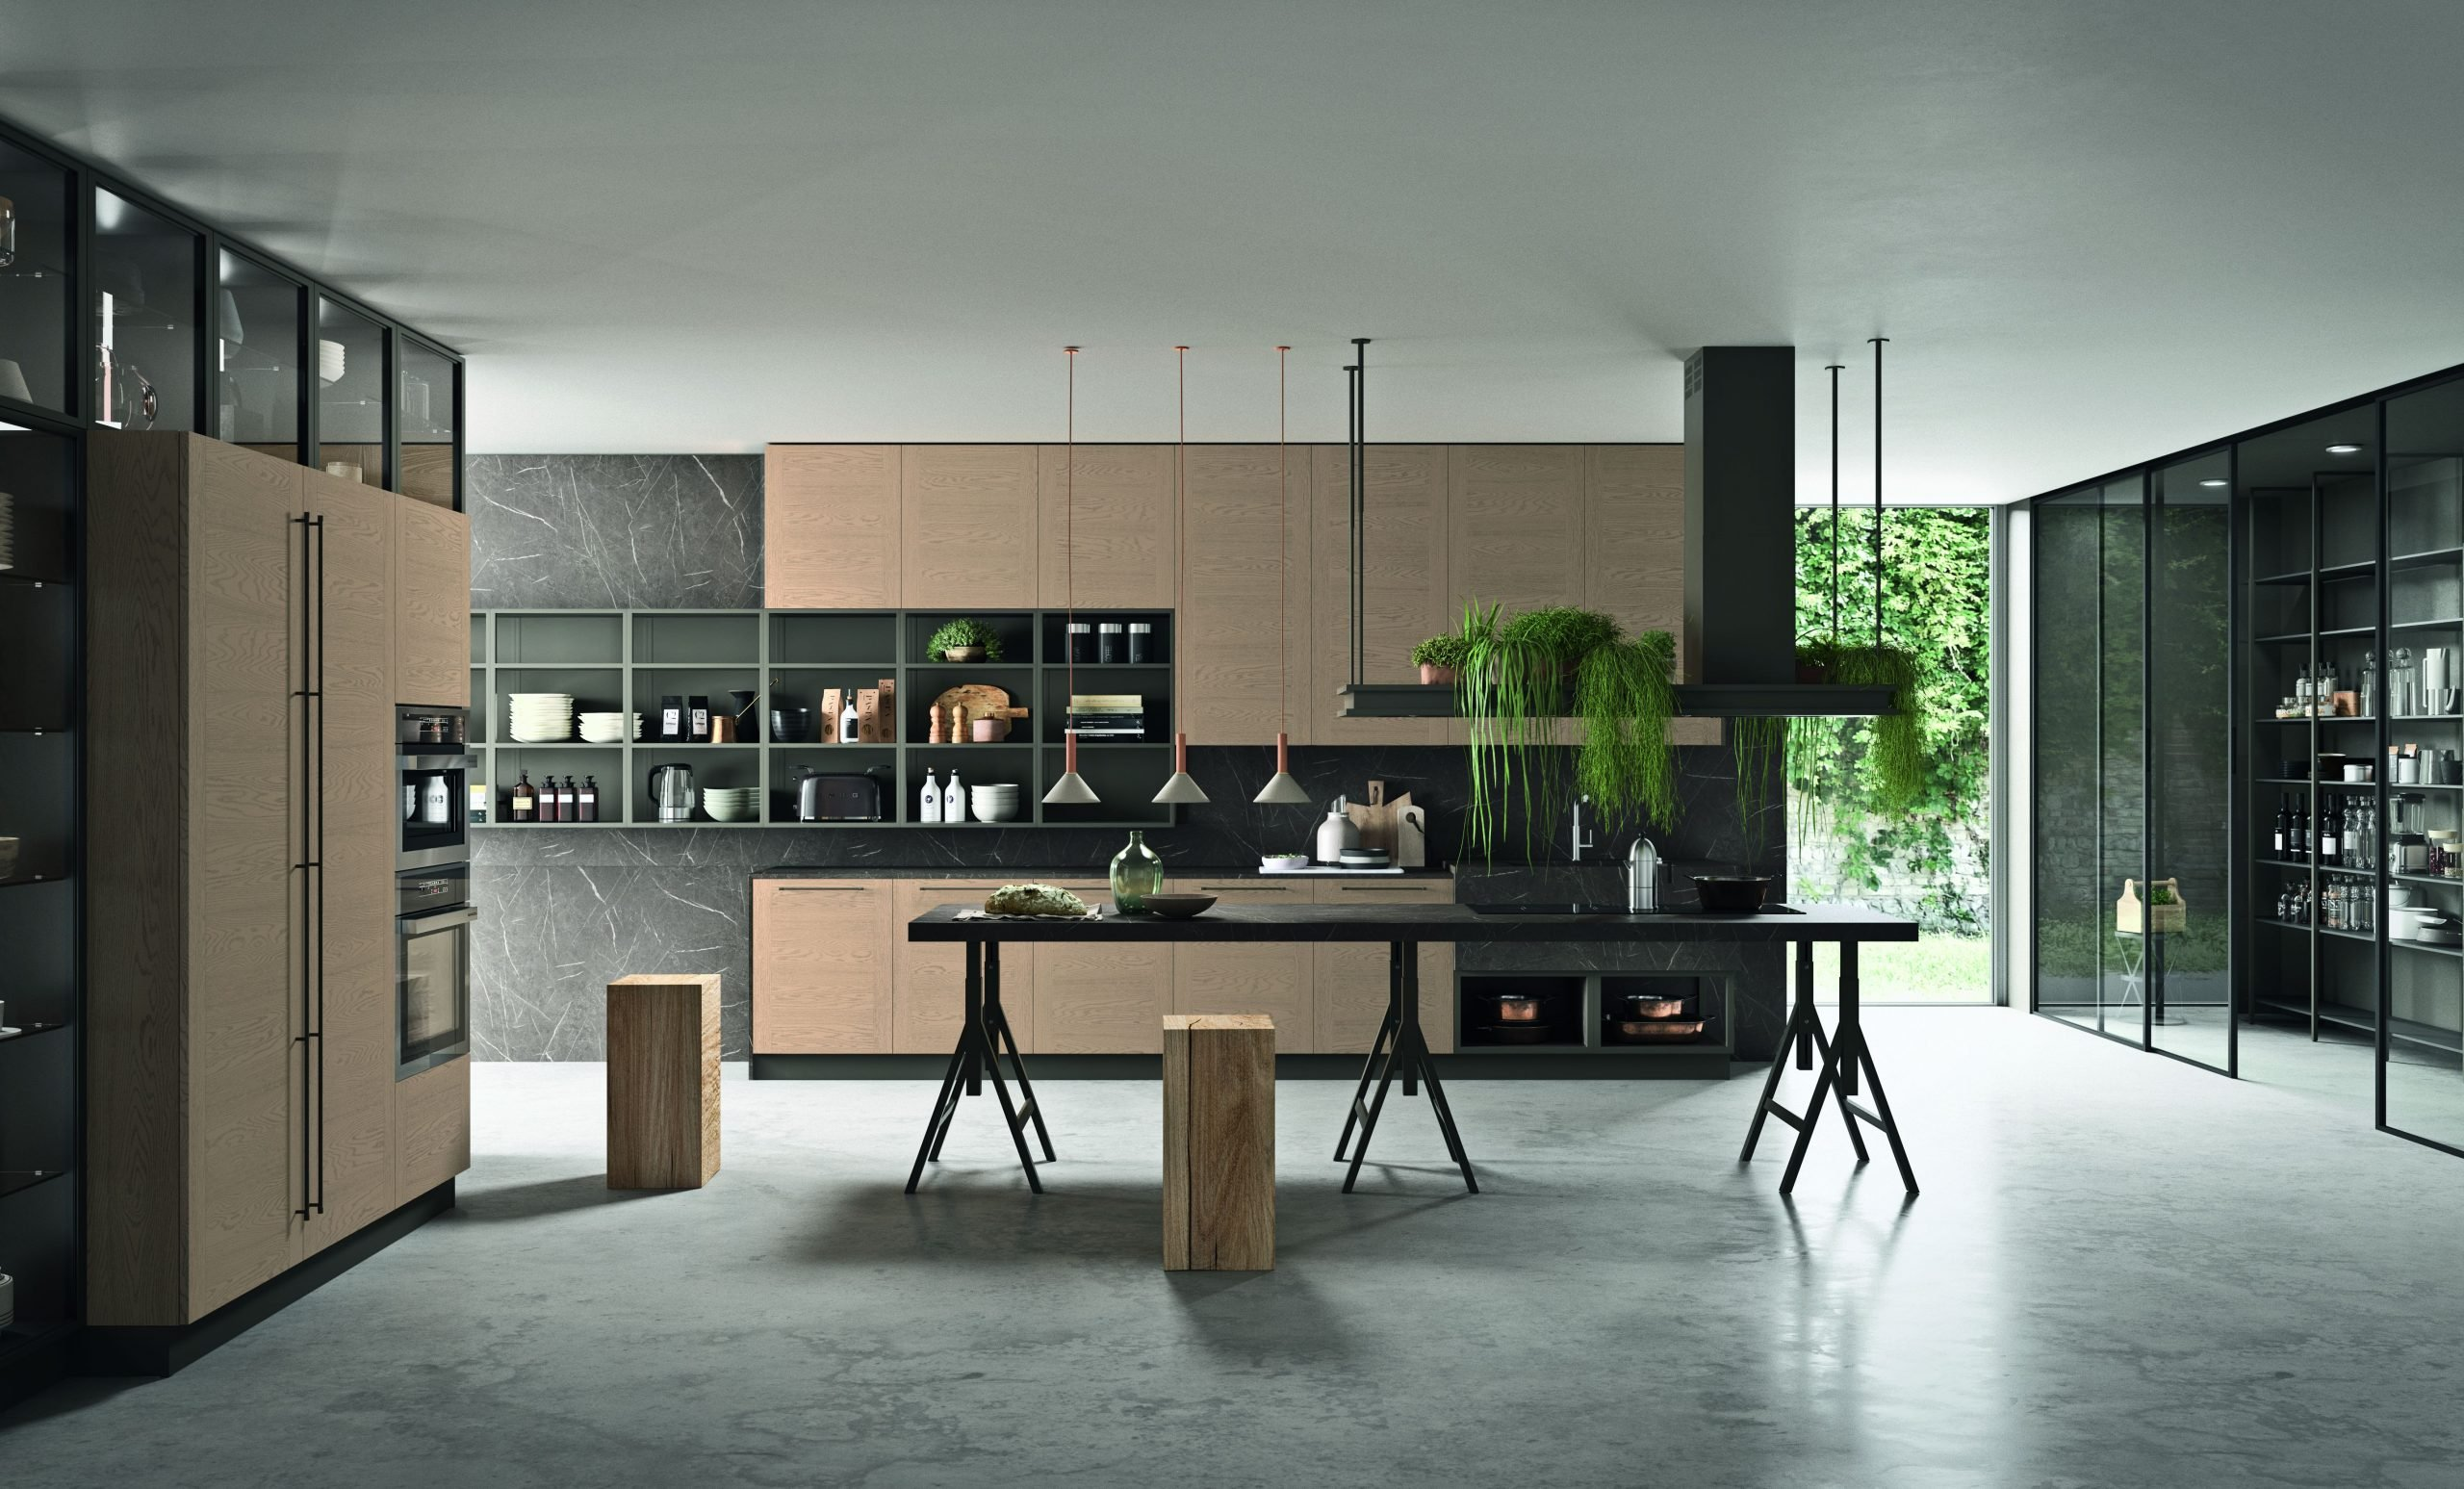 Composizione cucina moderna con serie di elementi pensili a tutta altezza delle cucine XXL